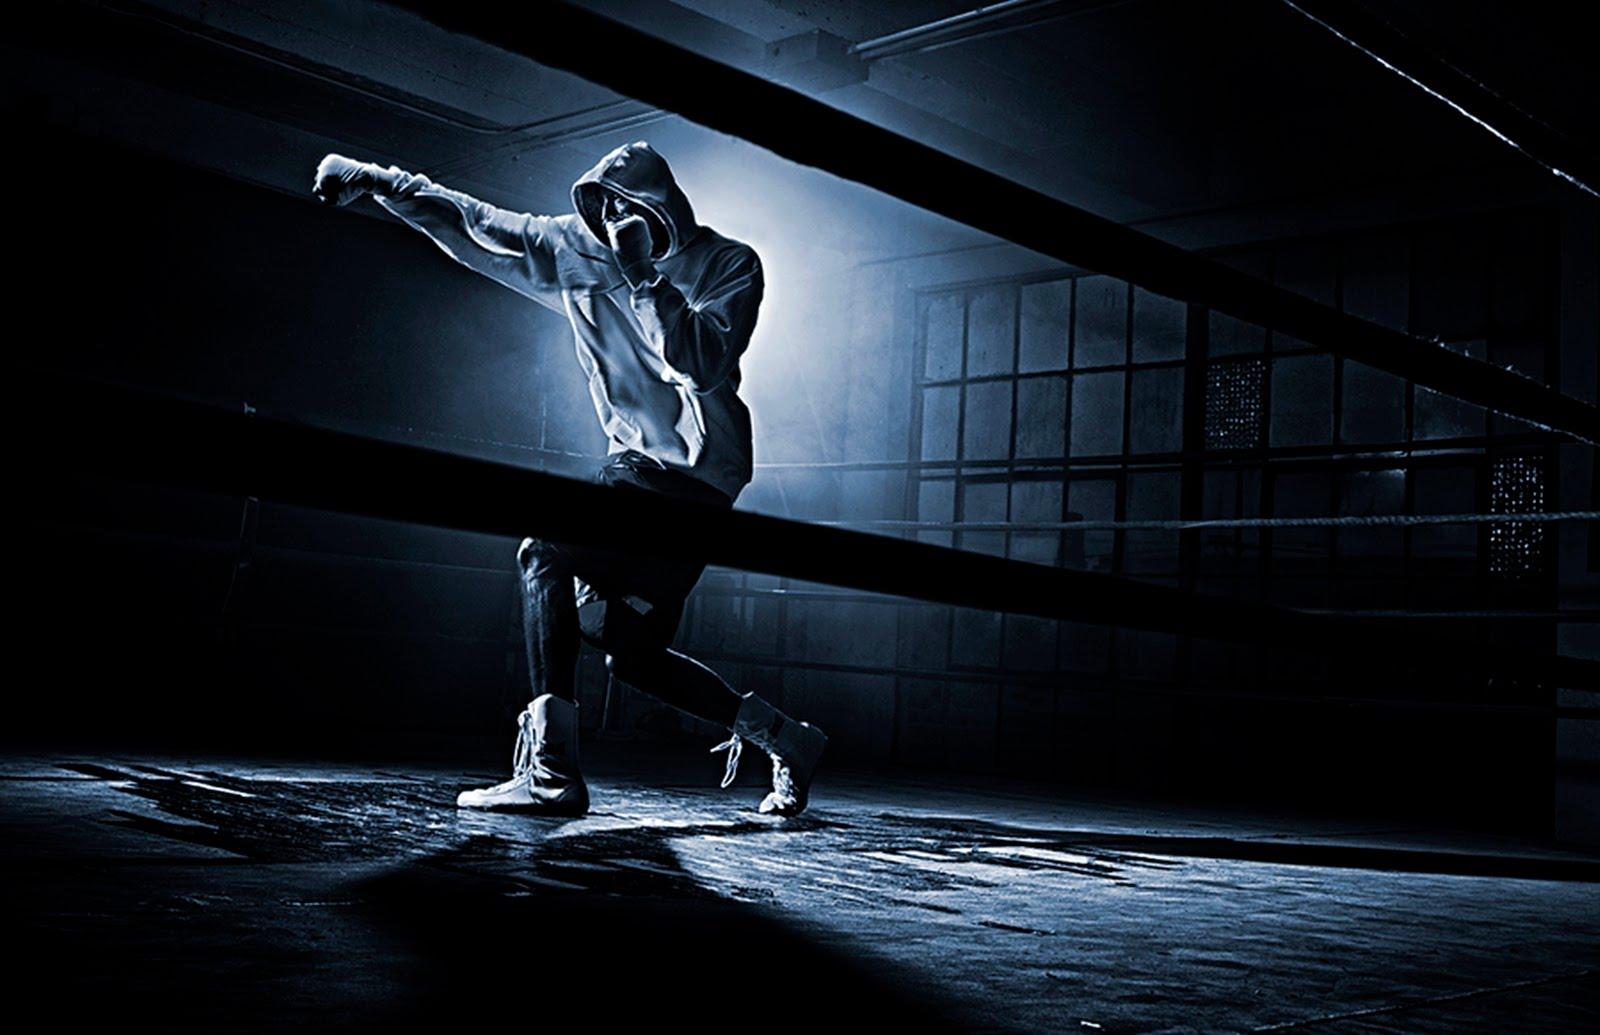 Ring King Boxing